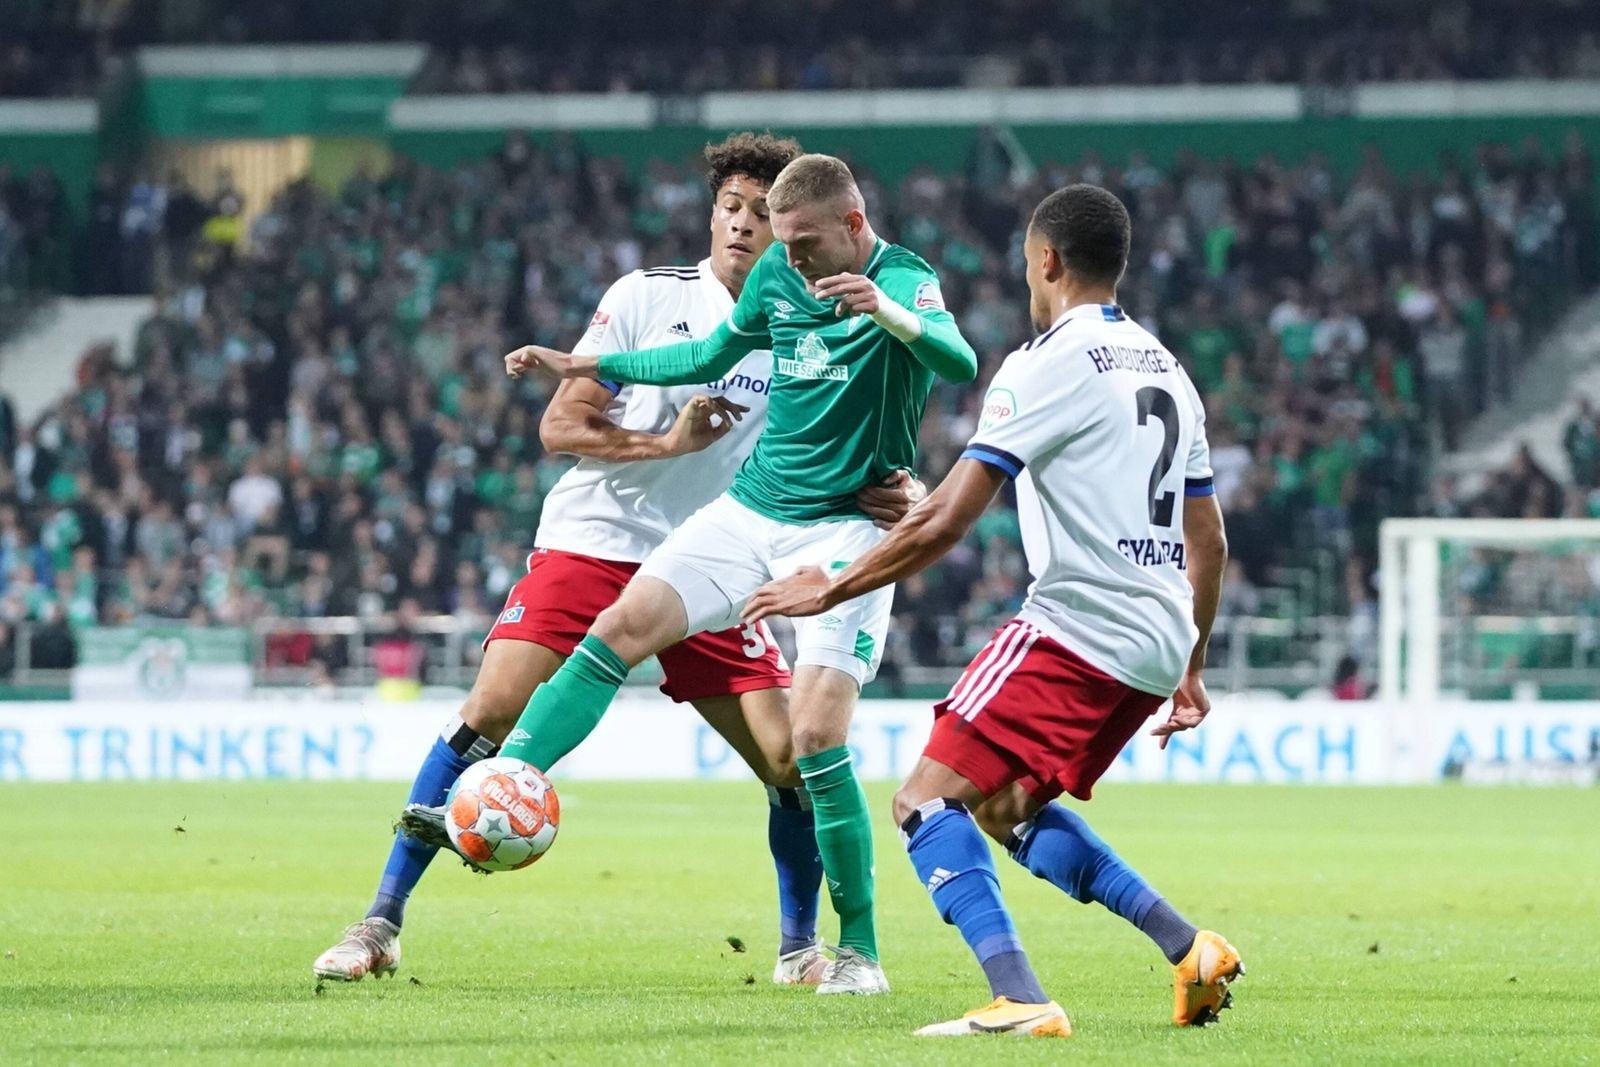 GER, 2. FBL, SV Werder Bremen vs Hamburger SV / 18.09.2021, wohninvest Weserstadion, Bremen, GER, 2. FBL, SV Werder Brem